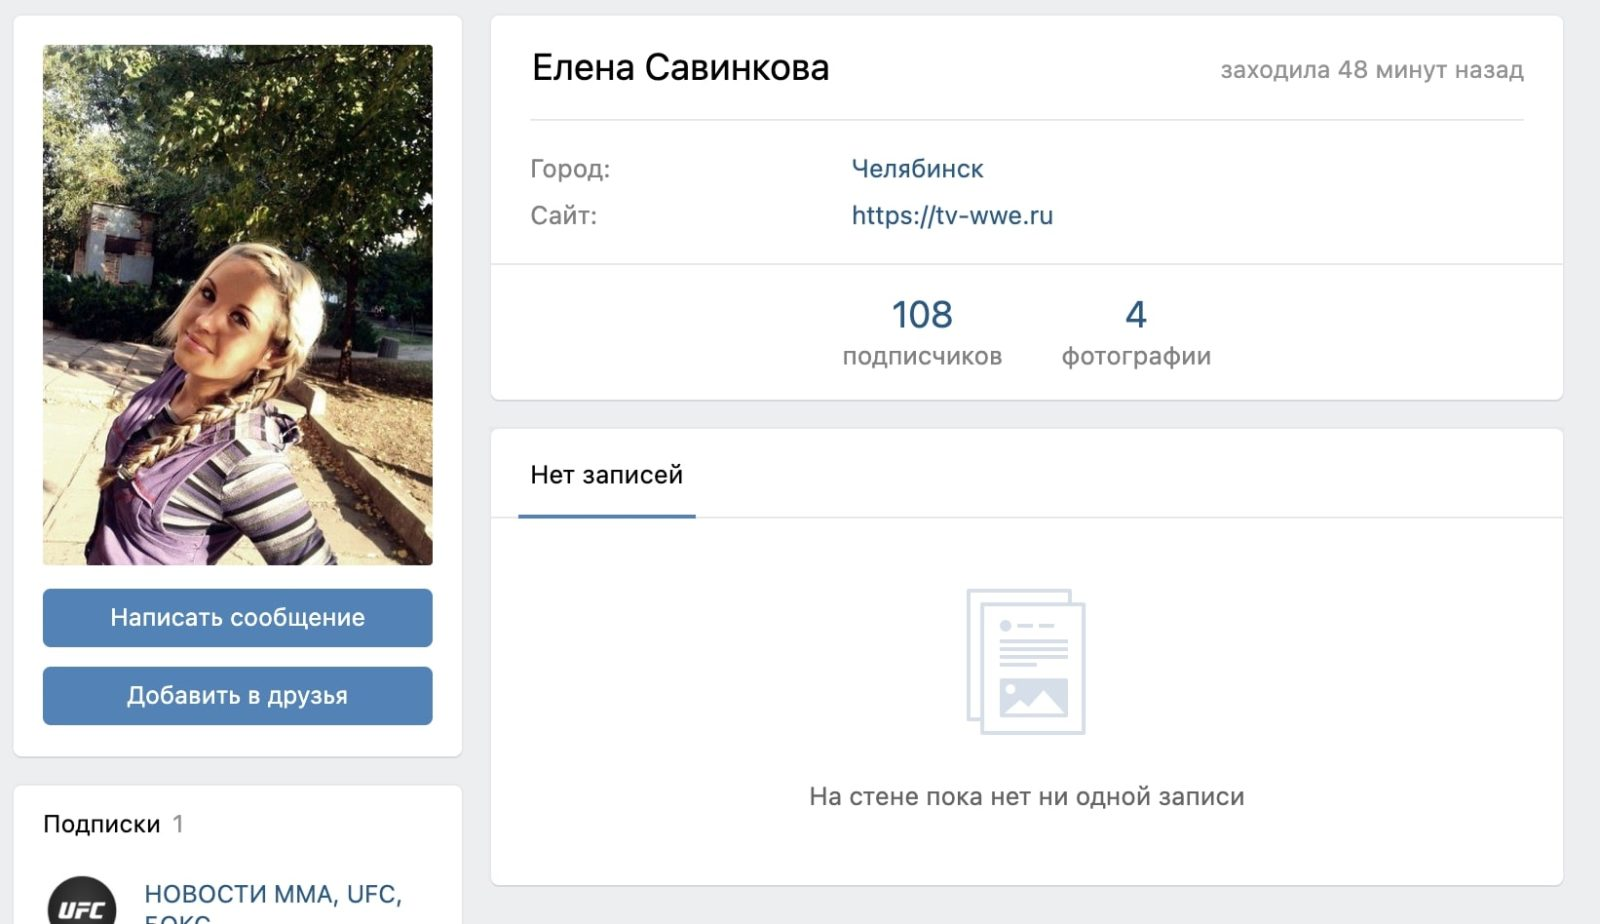 Главный админ группы ВК Tv-wwe.ru (тв вве)